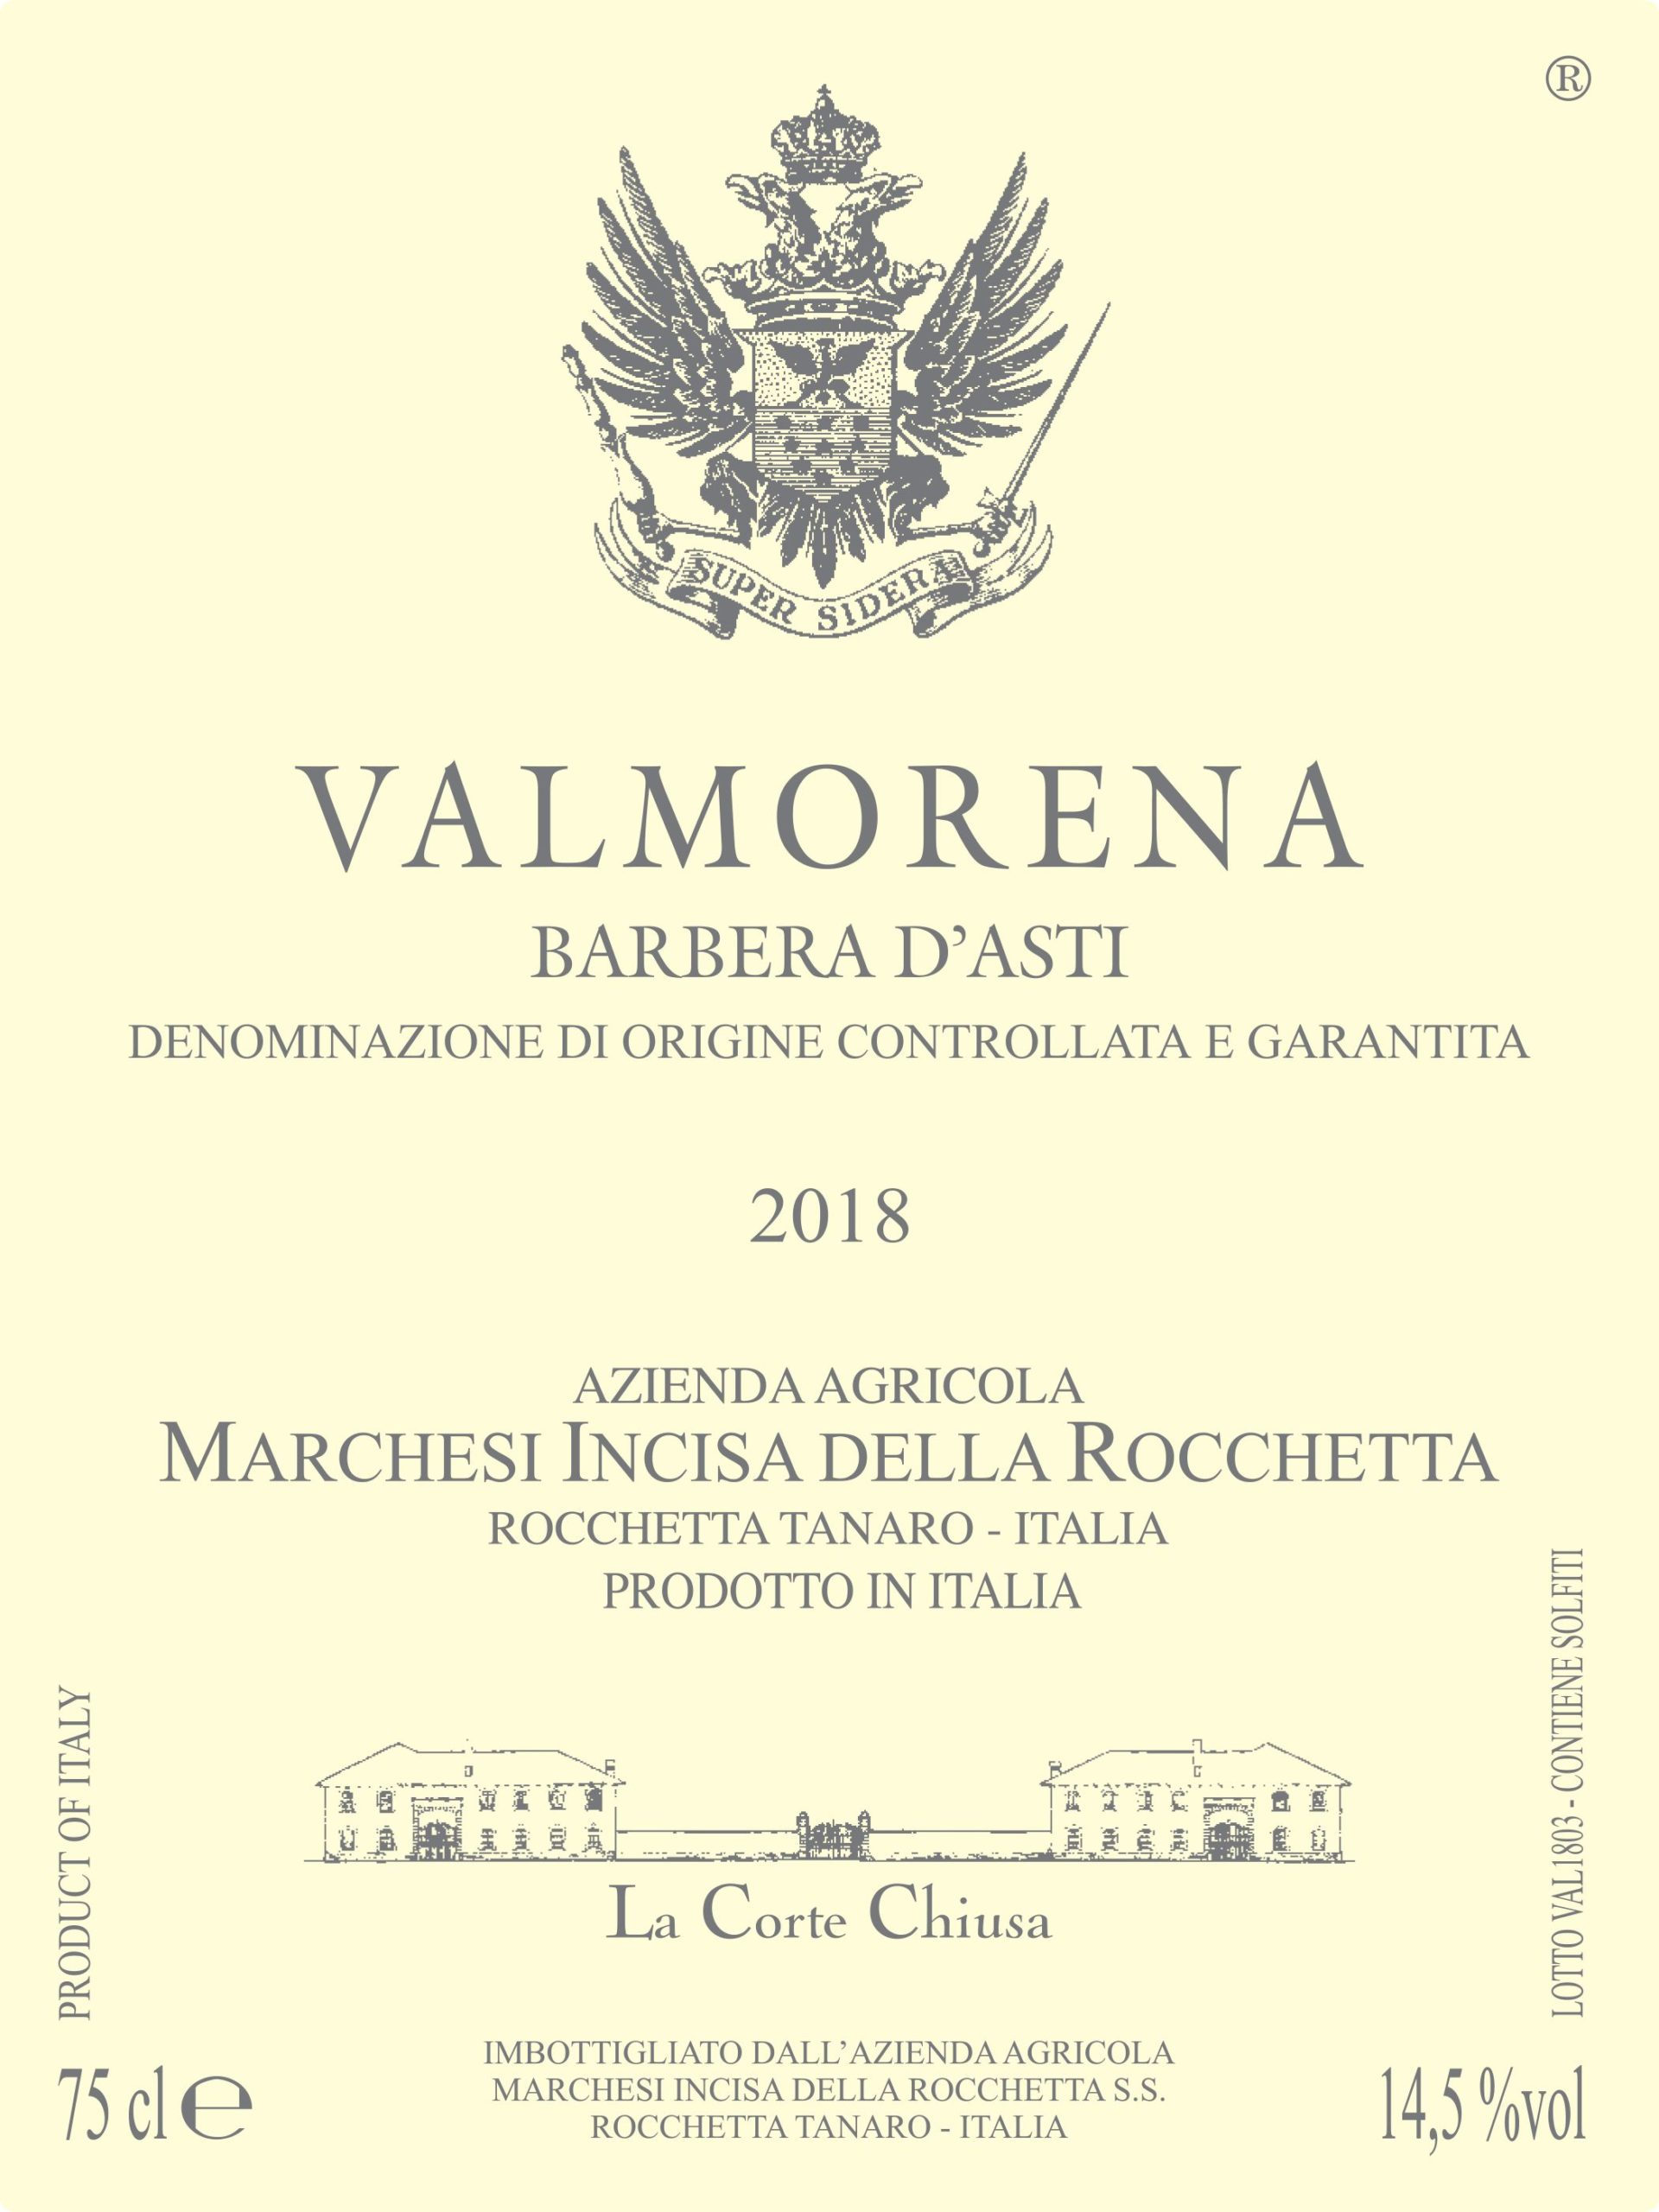 Marchesi Incisa della Rocchetta Valmorena Barbera d'Asti 2018